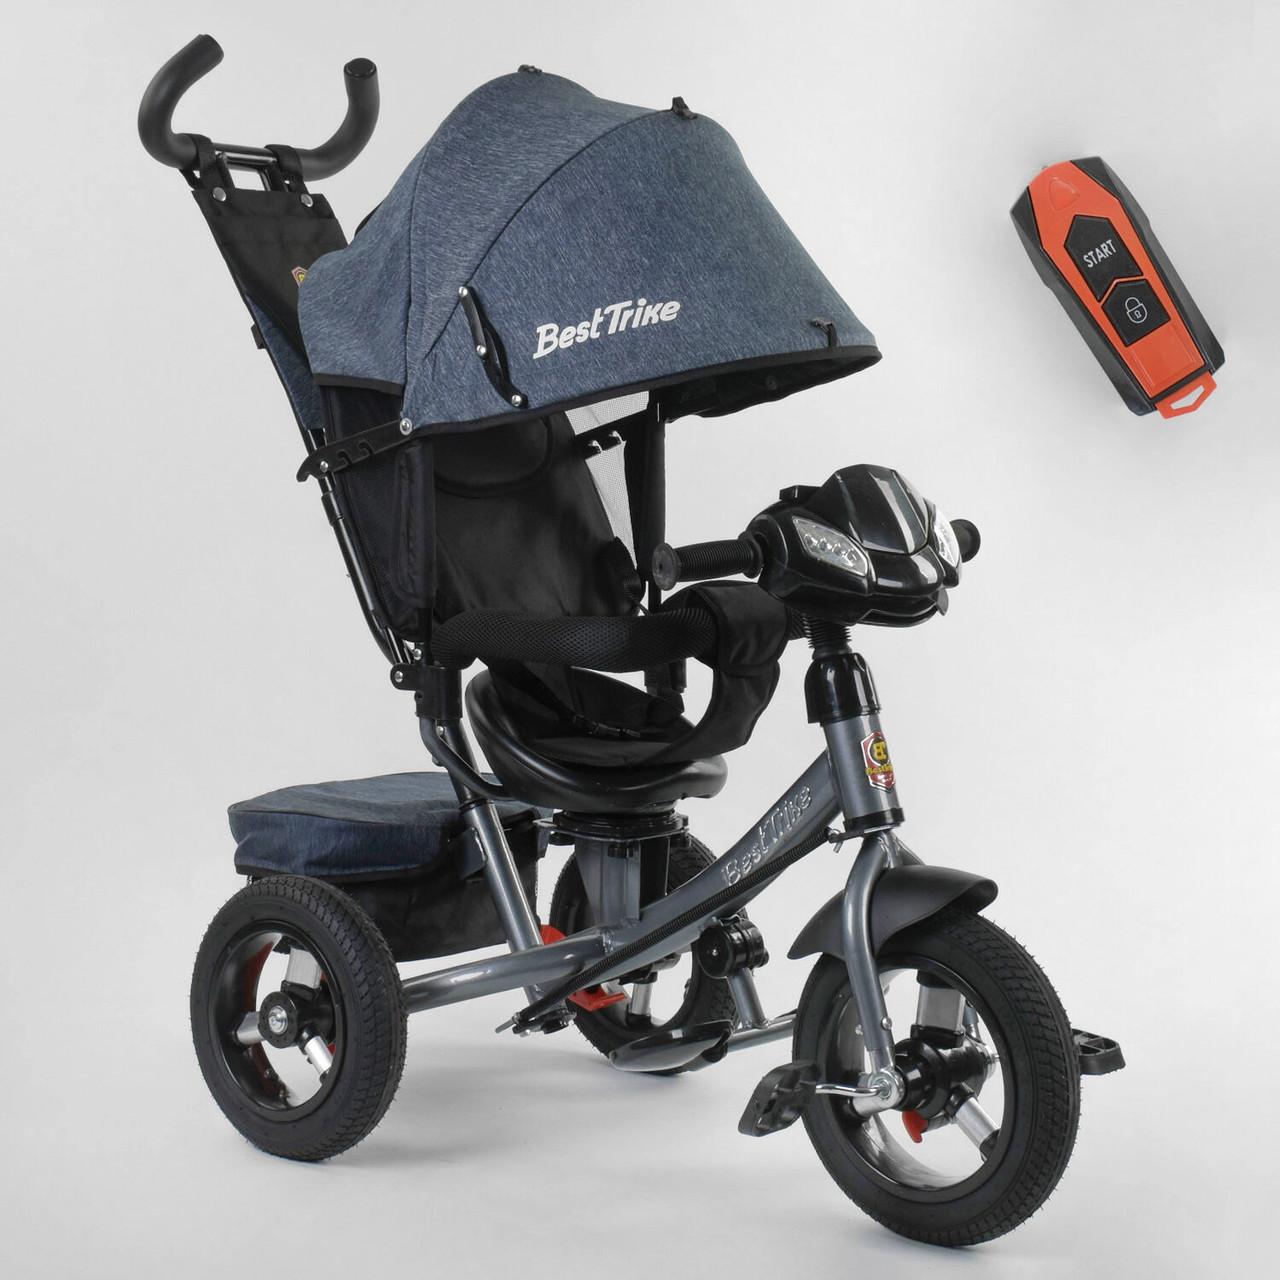 Велосипед трехколесный детский Best Trike 7700 В / 73-019 Серый